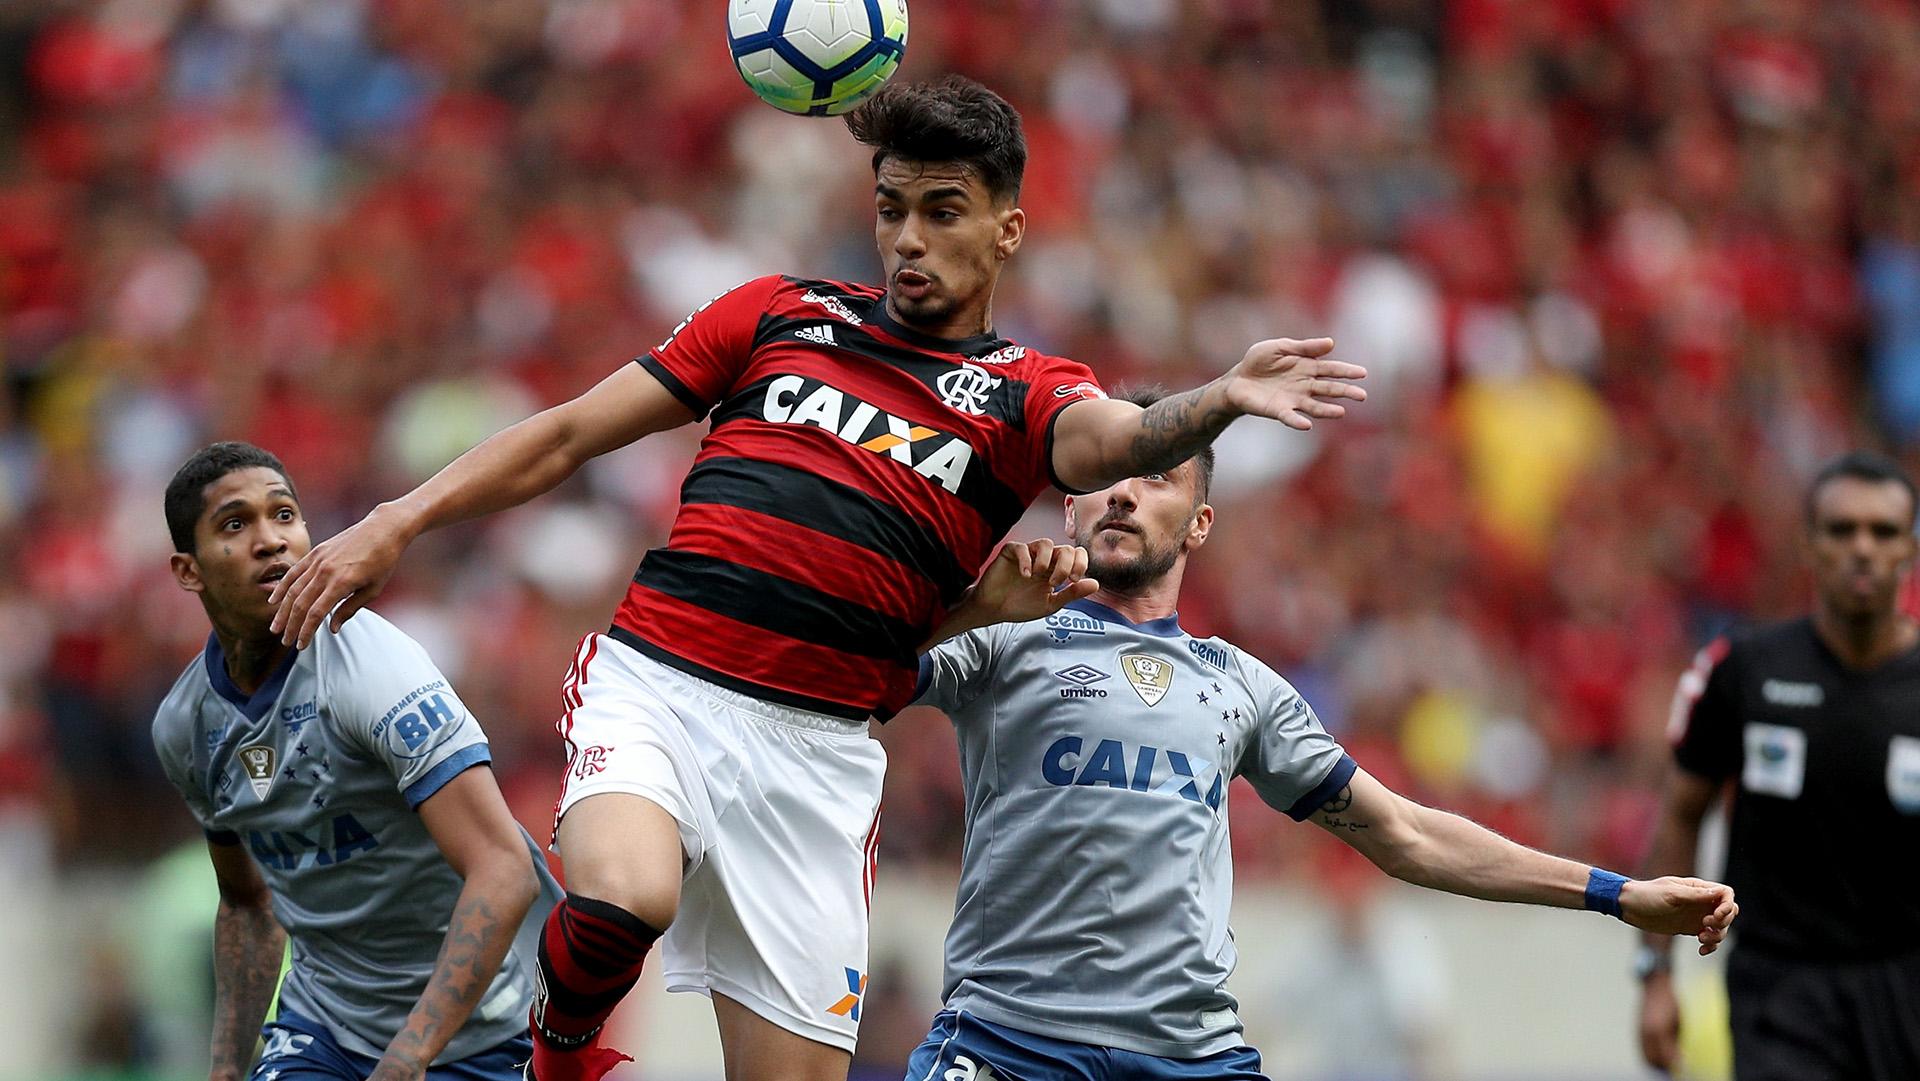 Lucas Paqueta Marcelo Hermes Flamengo Cruzeiro Brasileirao Serie A 12082018